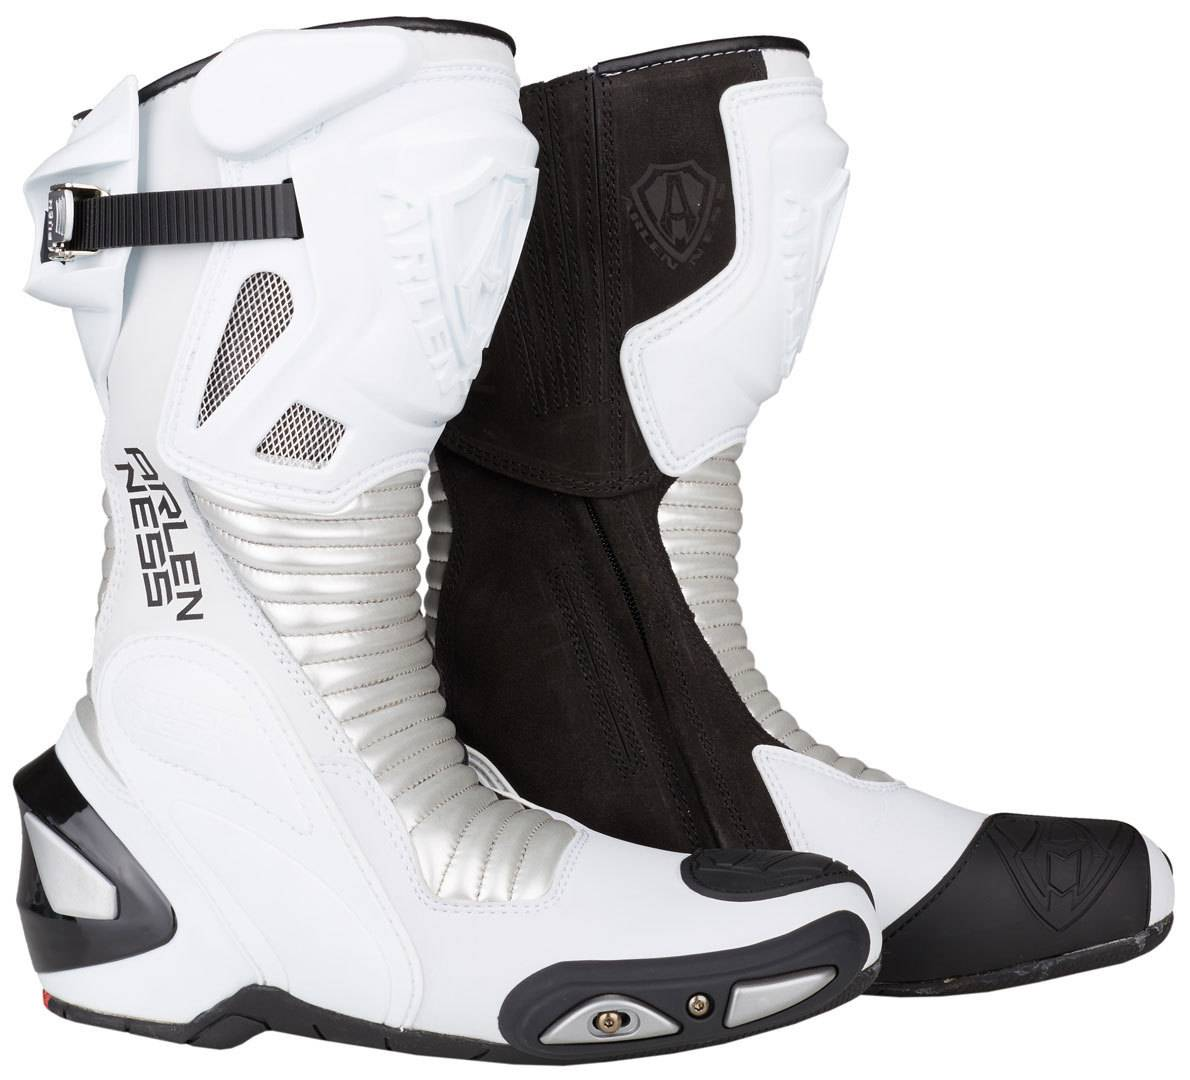 Arlen Ness Pro Shift Stivali da moto Nero Bianco 42